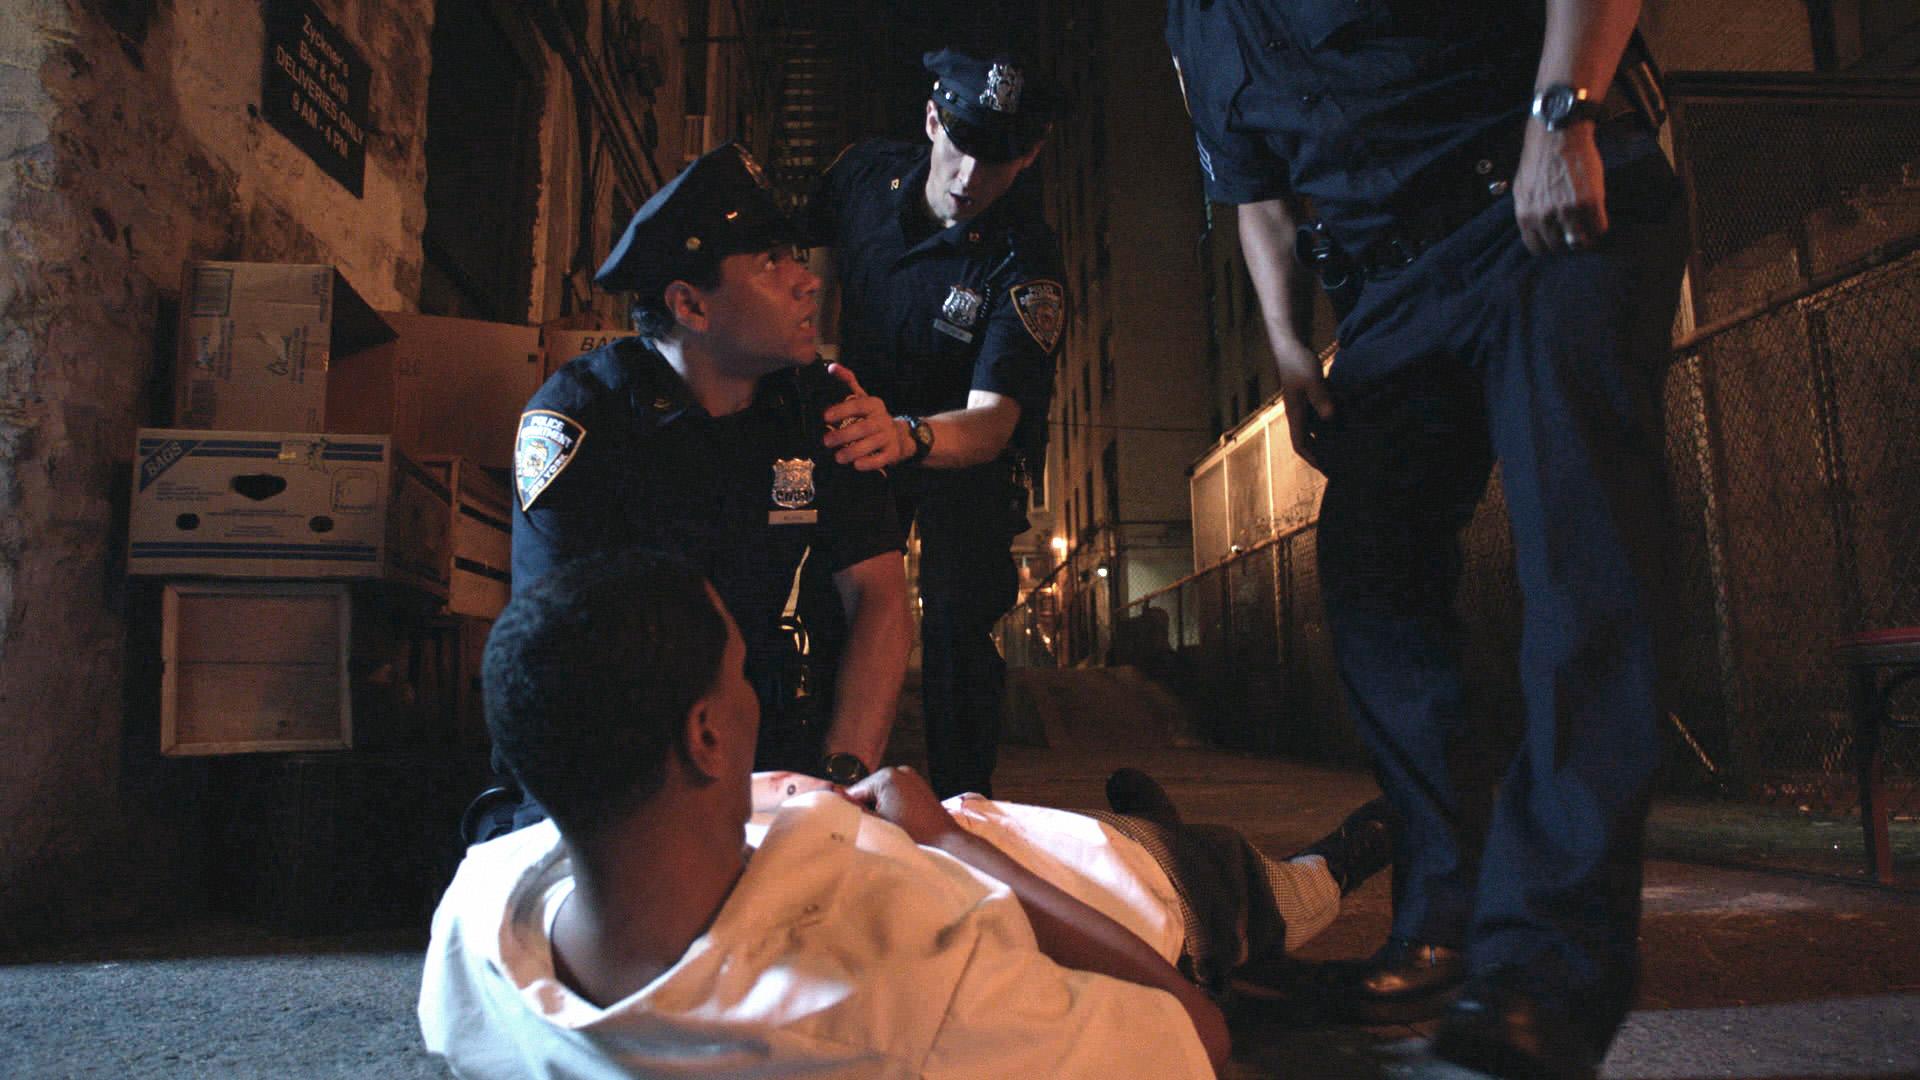 Officer Blake Arrives On the Scene